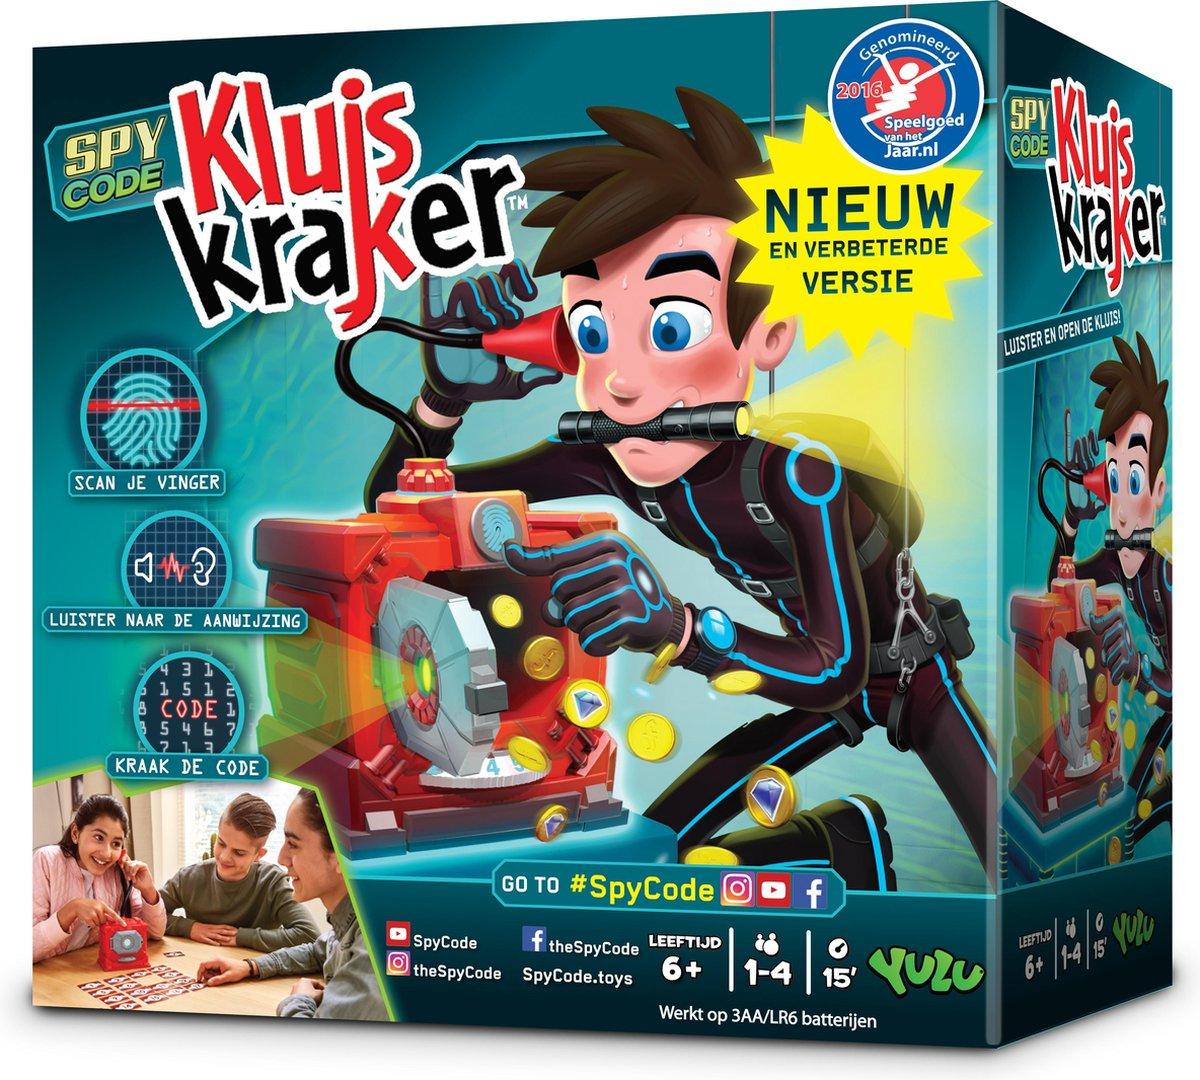 Kluis Kraker - Kinderspel - Yulu